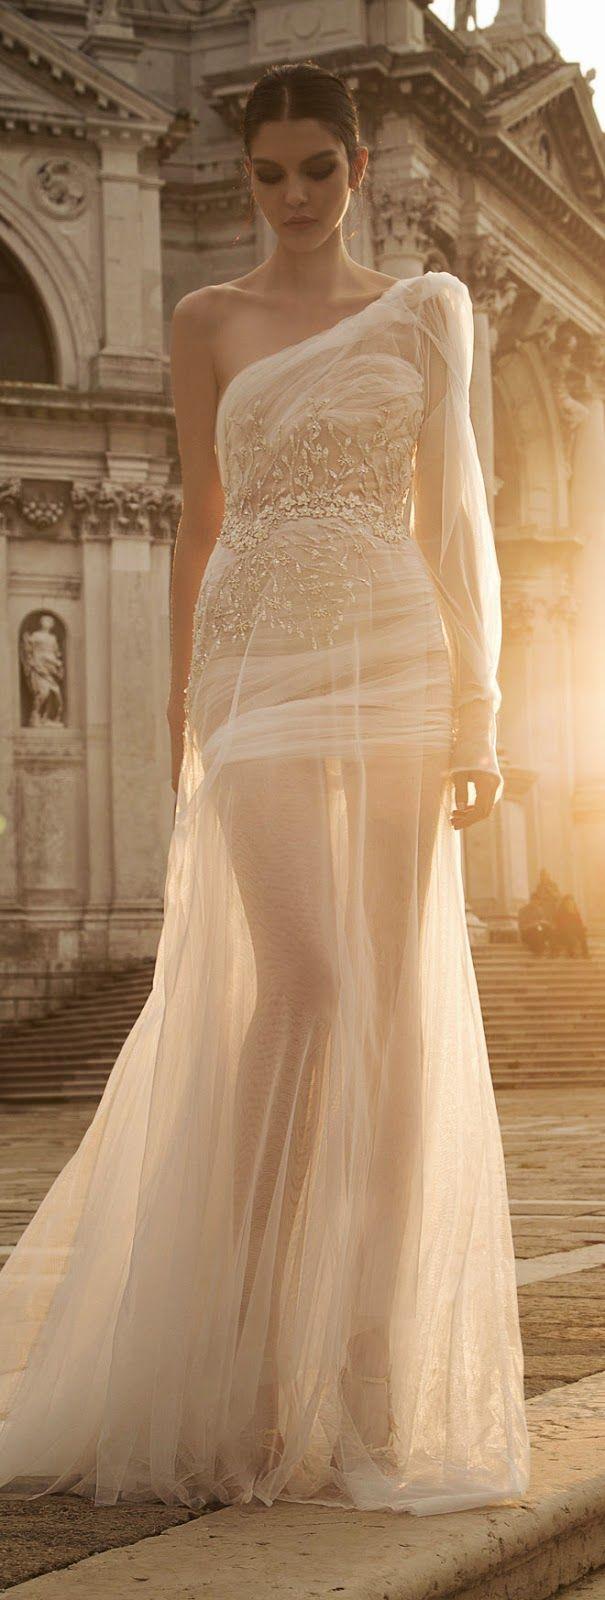 Inbal Dror 2015 Bridal Collection - Part 2 | bellethemagazine.com